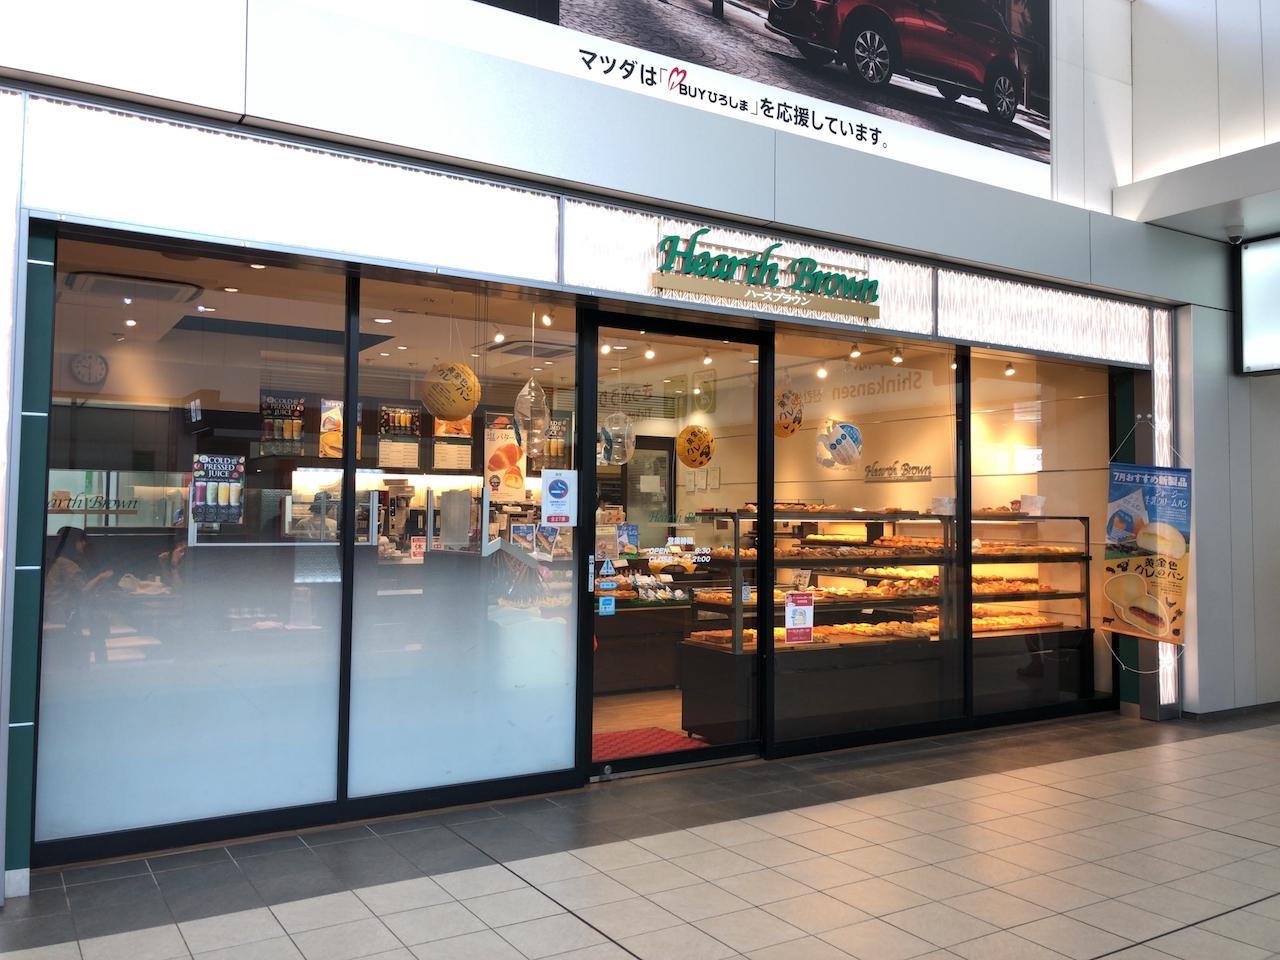 ハースブラウン広島駅店